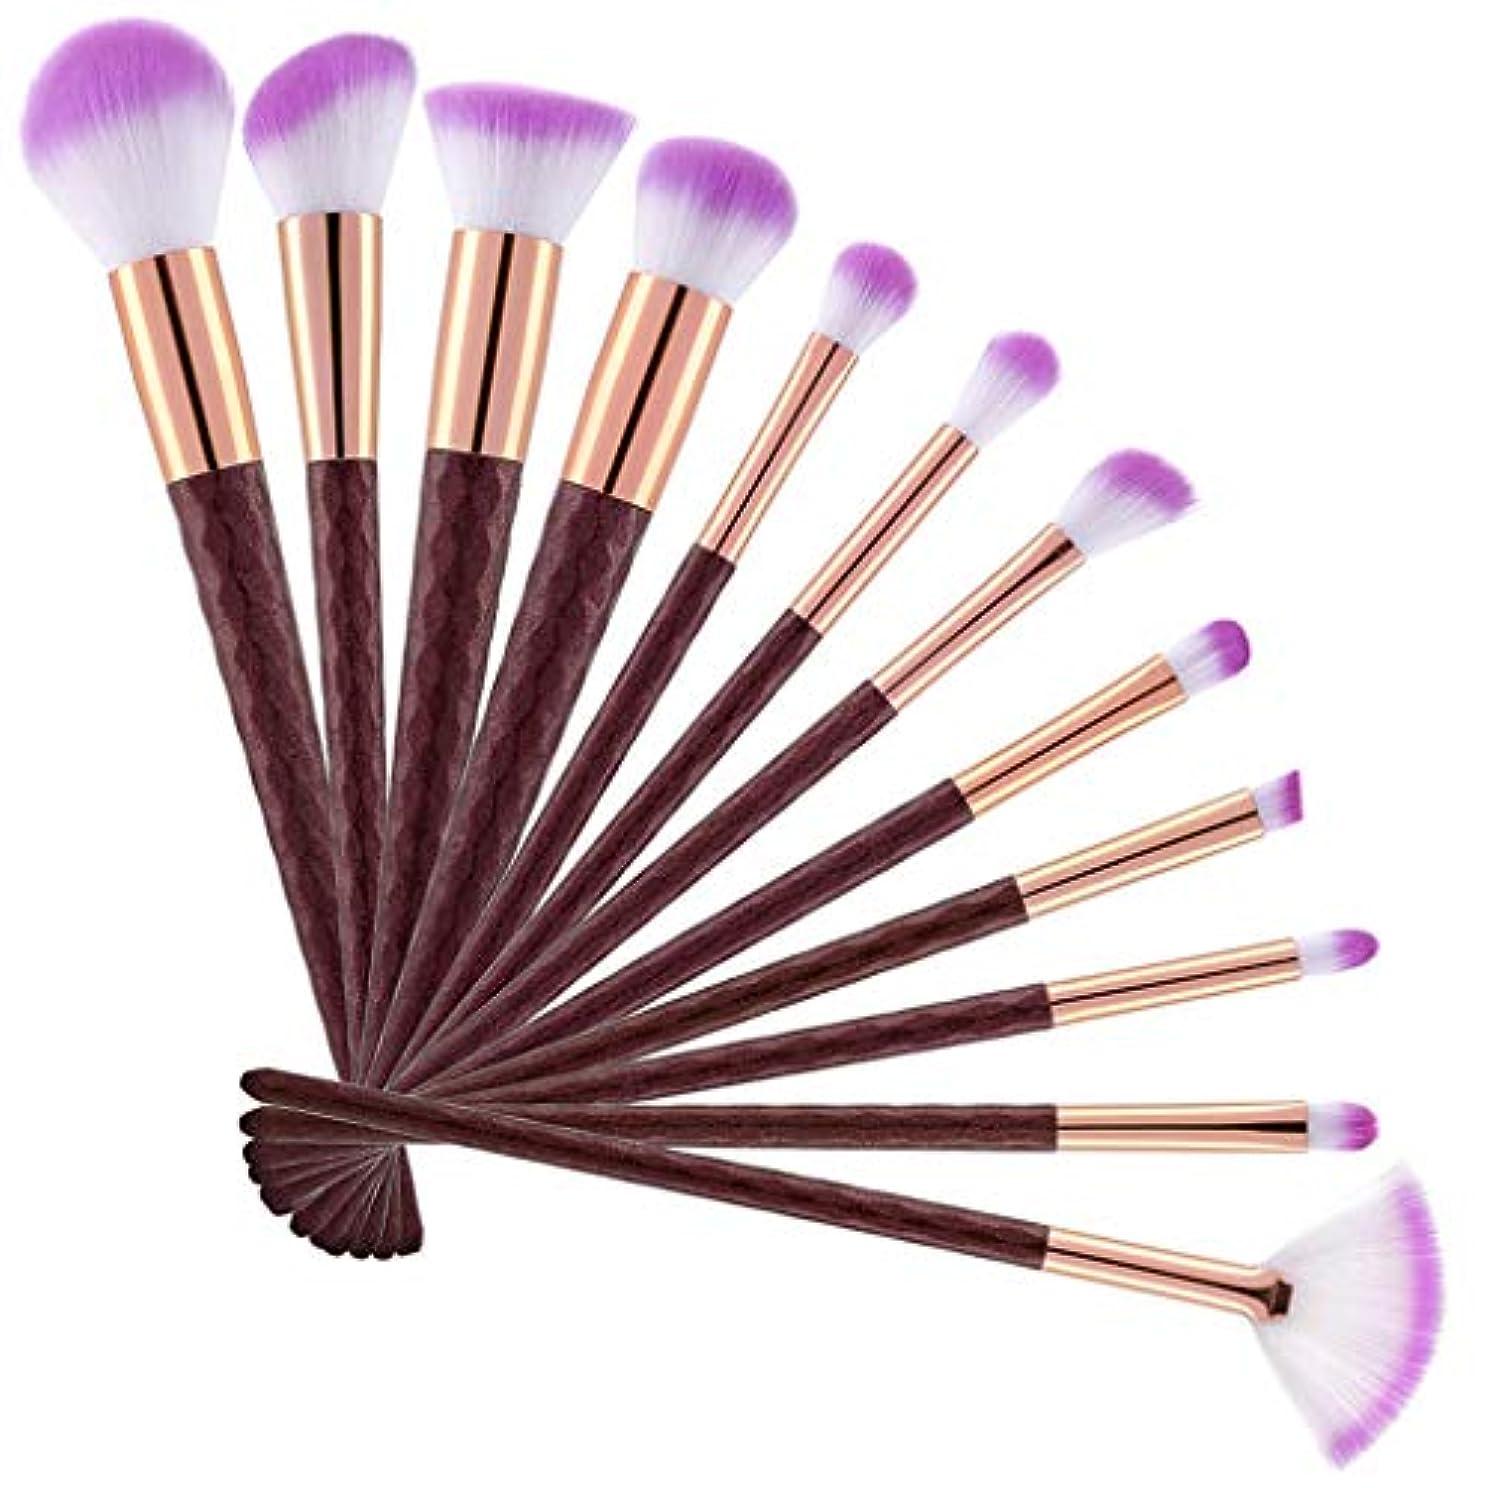 割れ目改修する悪意のある12化粧ブラシマーメイド化粧ブラシ蛍光ハンドル化粧ブラシダイヤモンドブラシ美容化粧道具,Pink